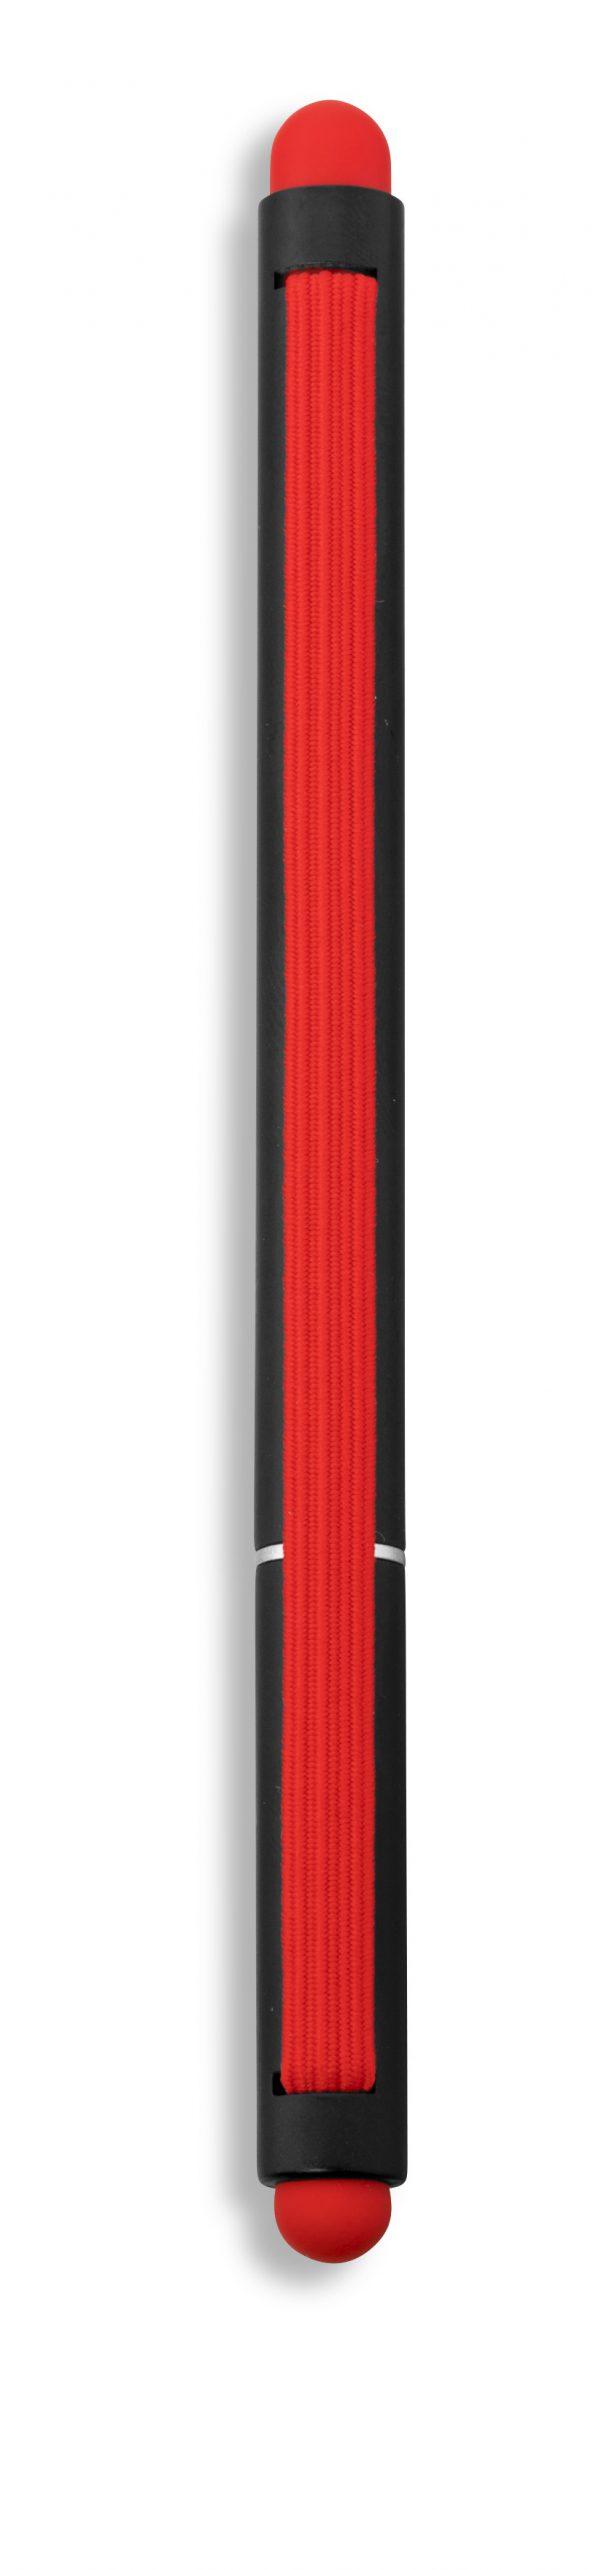 PEN-1840-R (2)